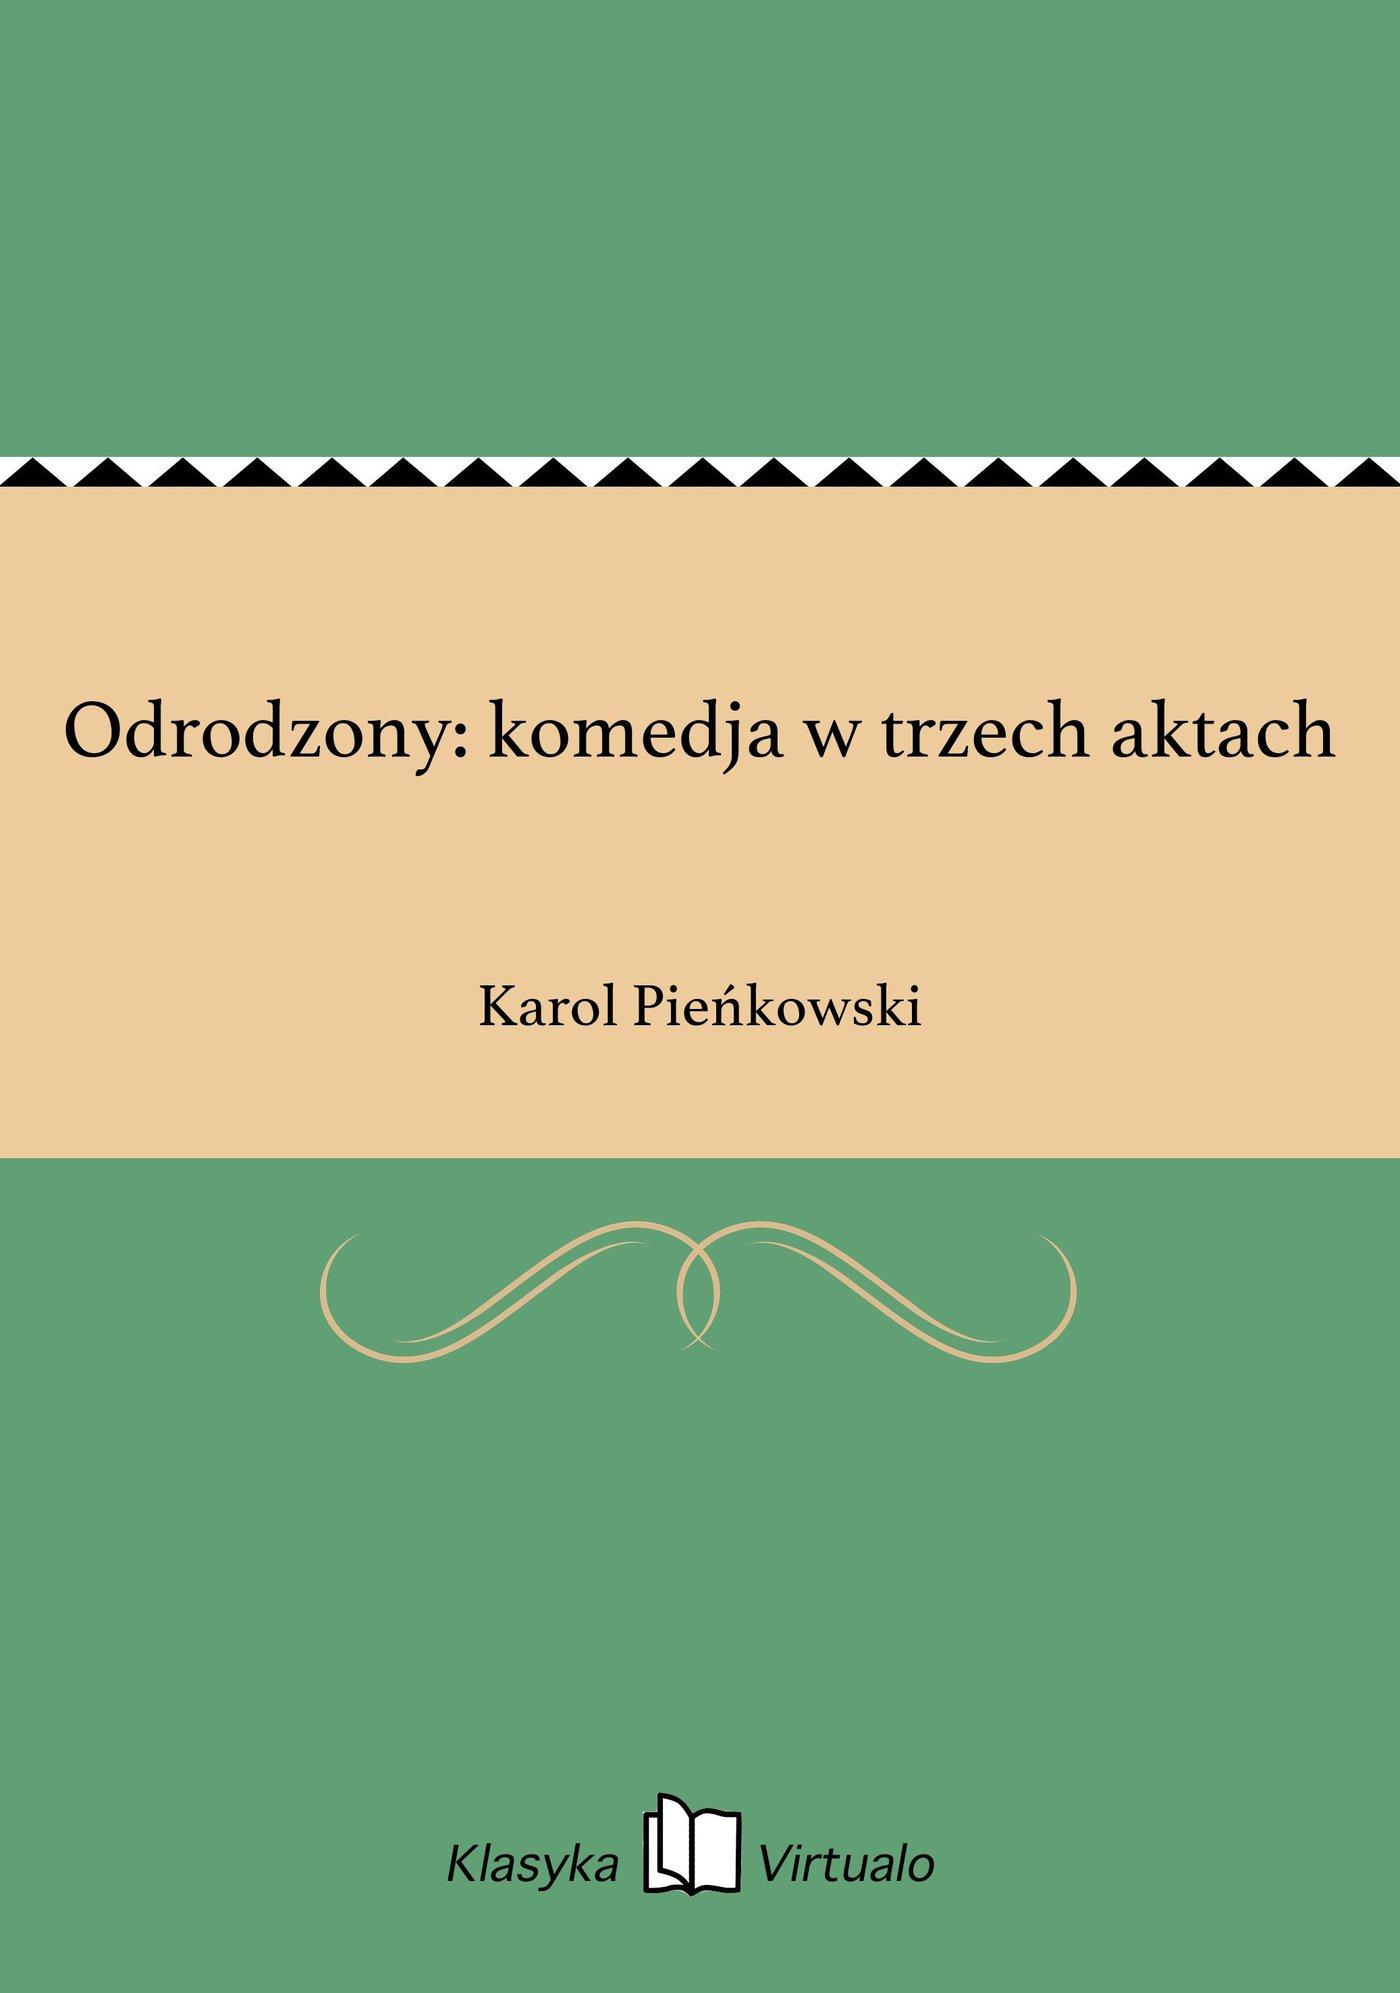 Odrodzony: komedja w trzech aktach - Ebook (Książka na Kindle) do pobrania w formacie MOBI